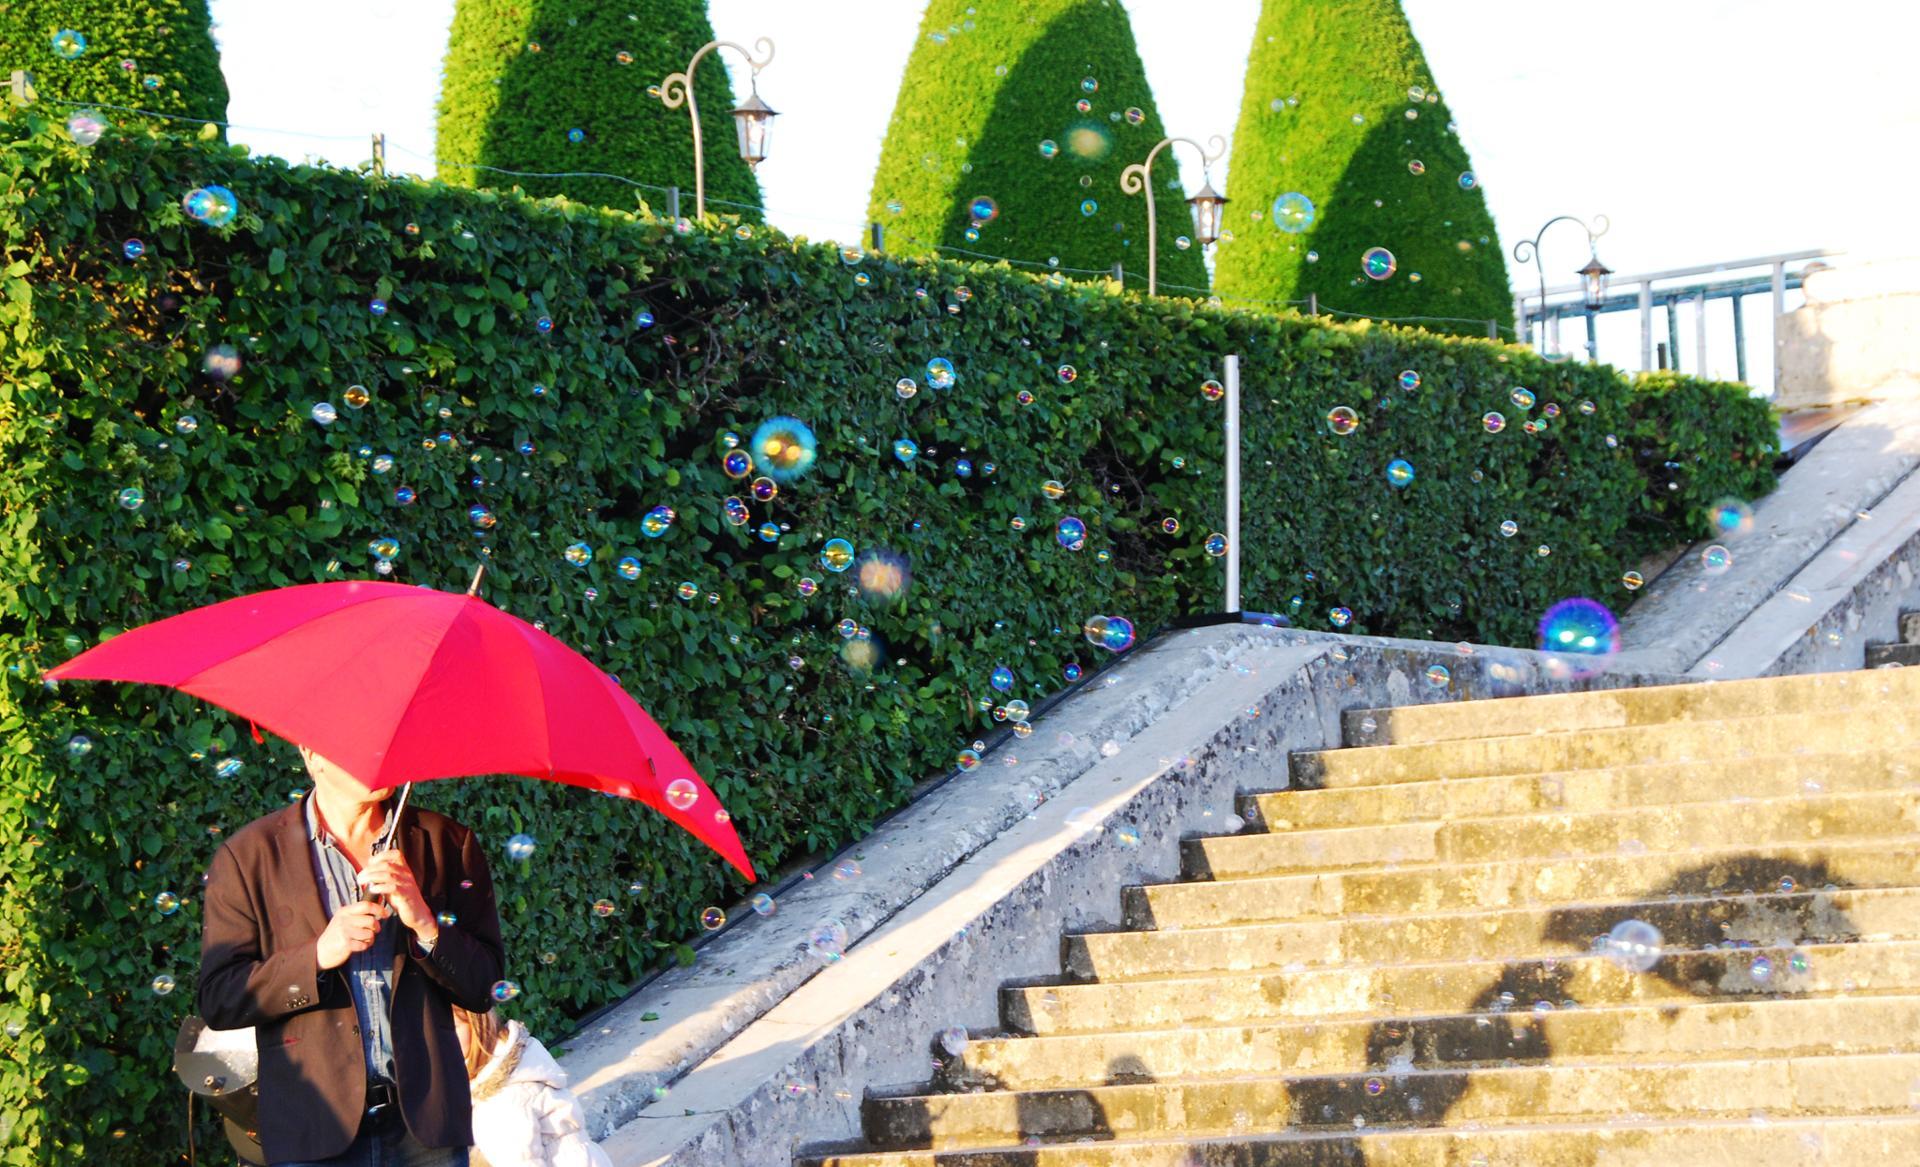 Pluie de bulles sur parapluie rouge